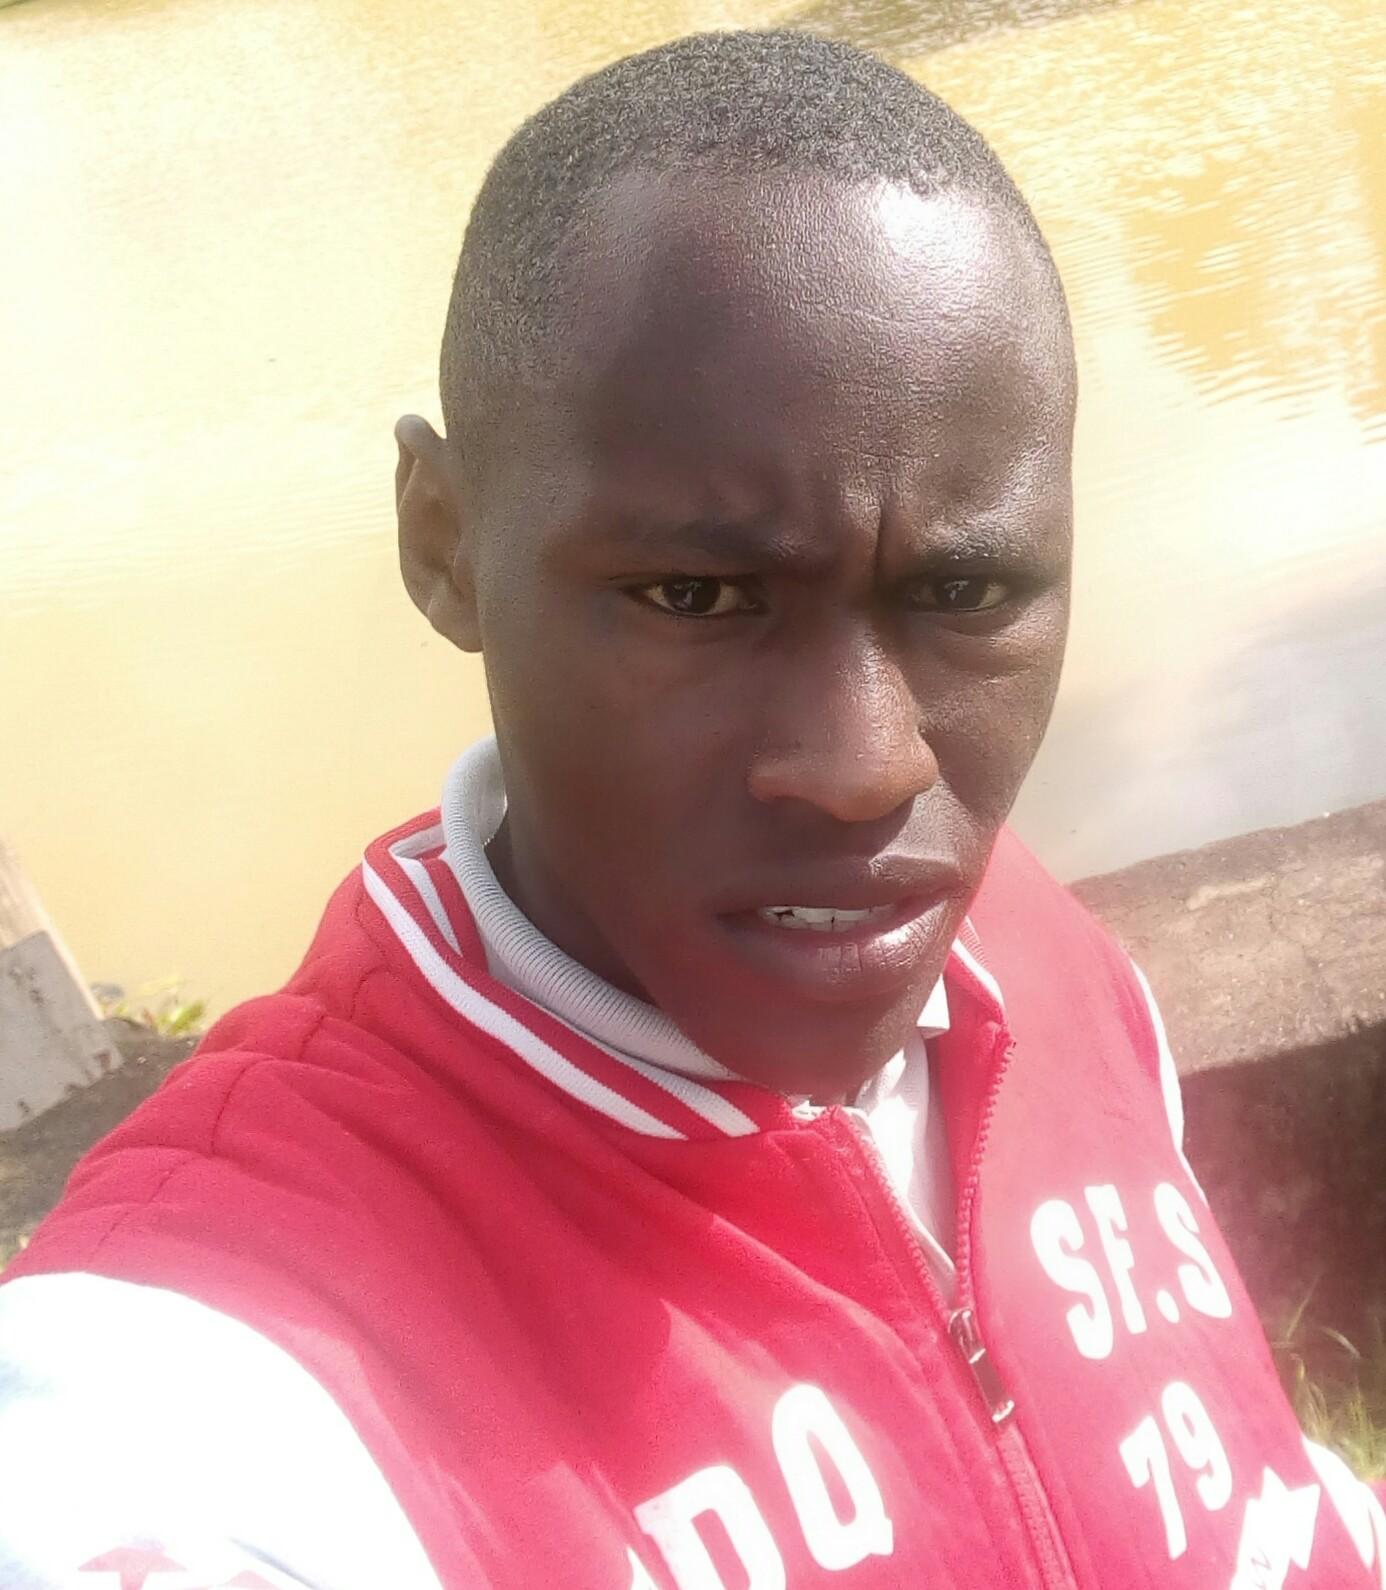 Nannies & au pairs : Josephat is Kenyan, currently in Kenya